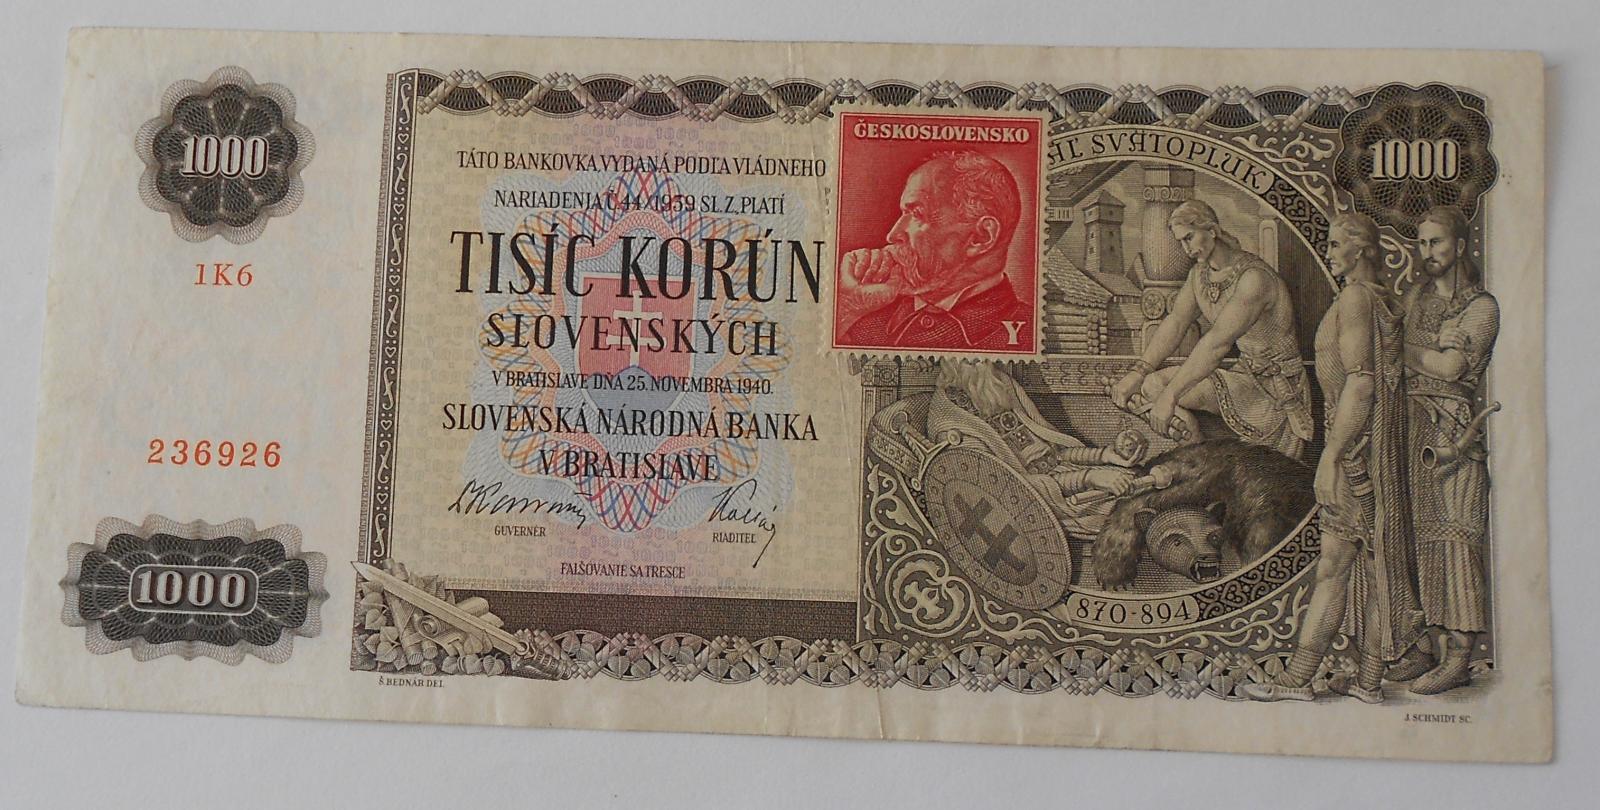 ČSR 1000 Koruna 1KG kolek 1940 Svatopluk